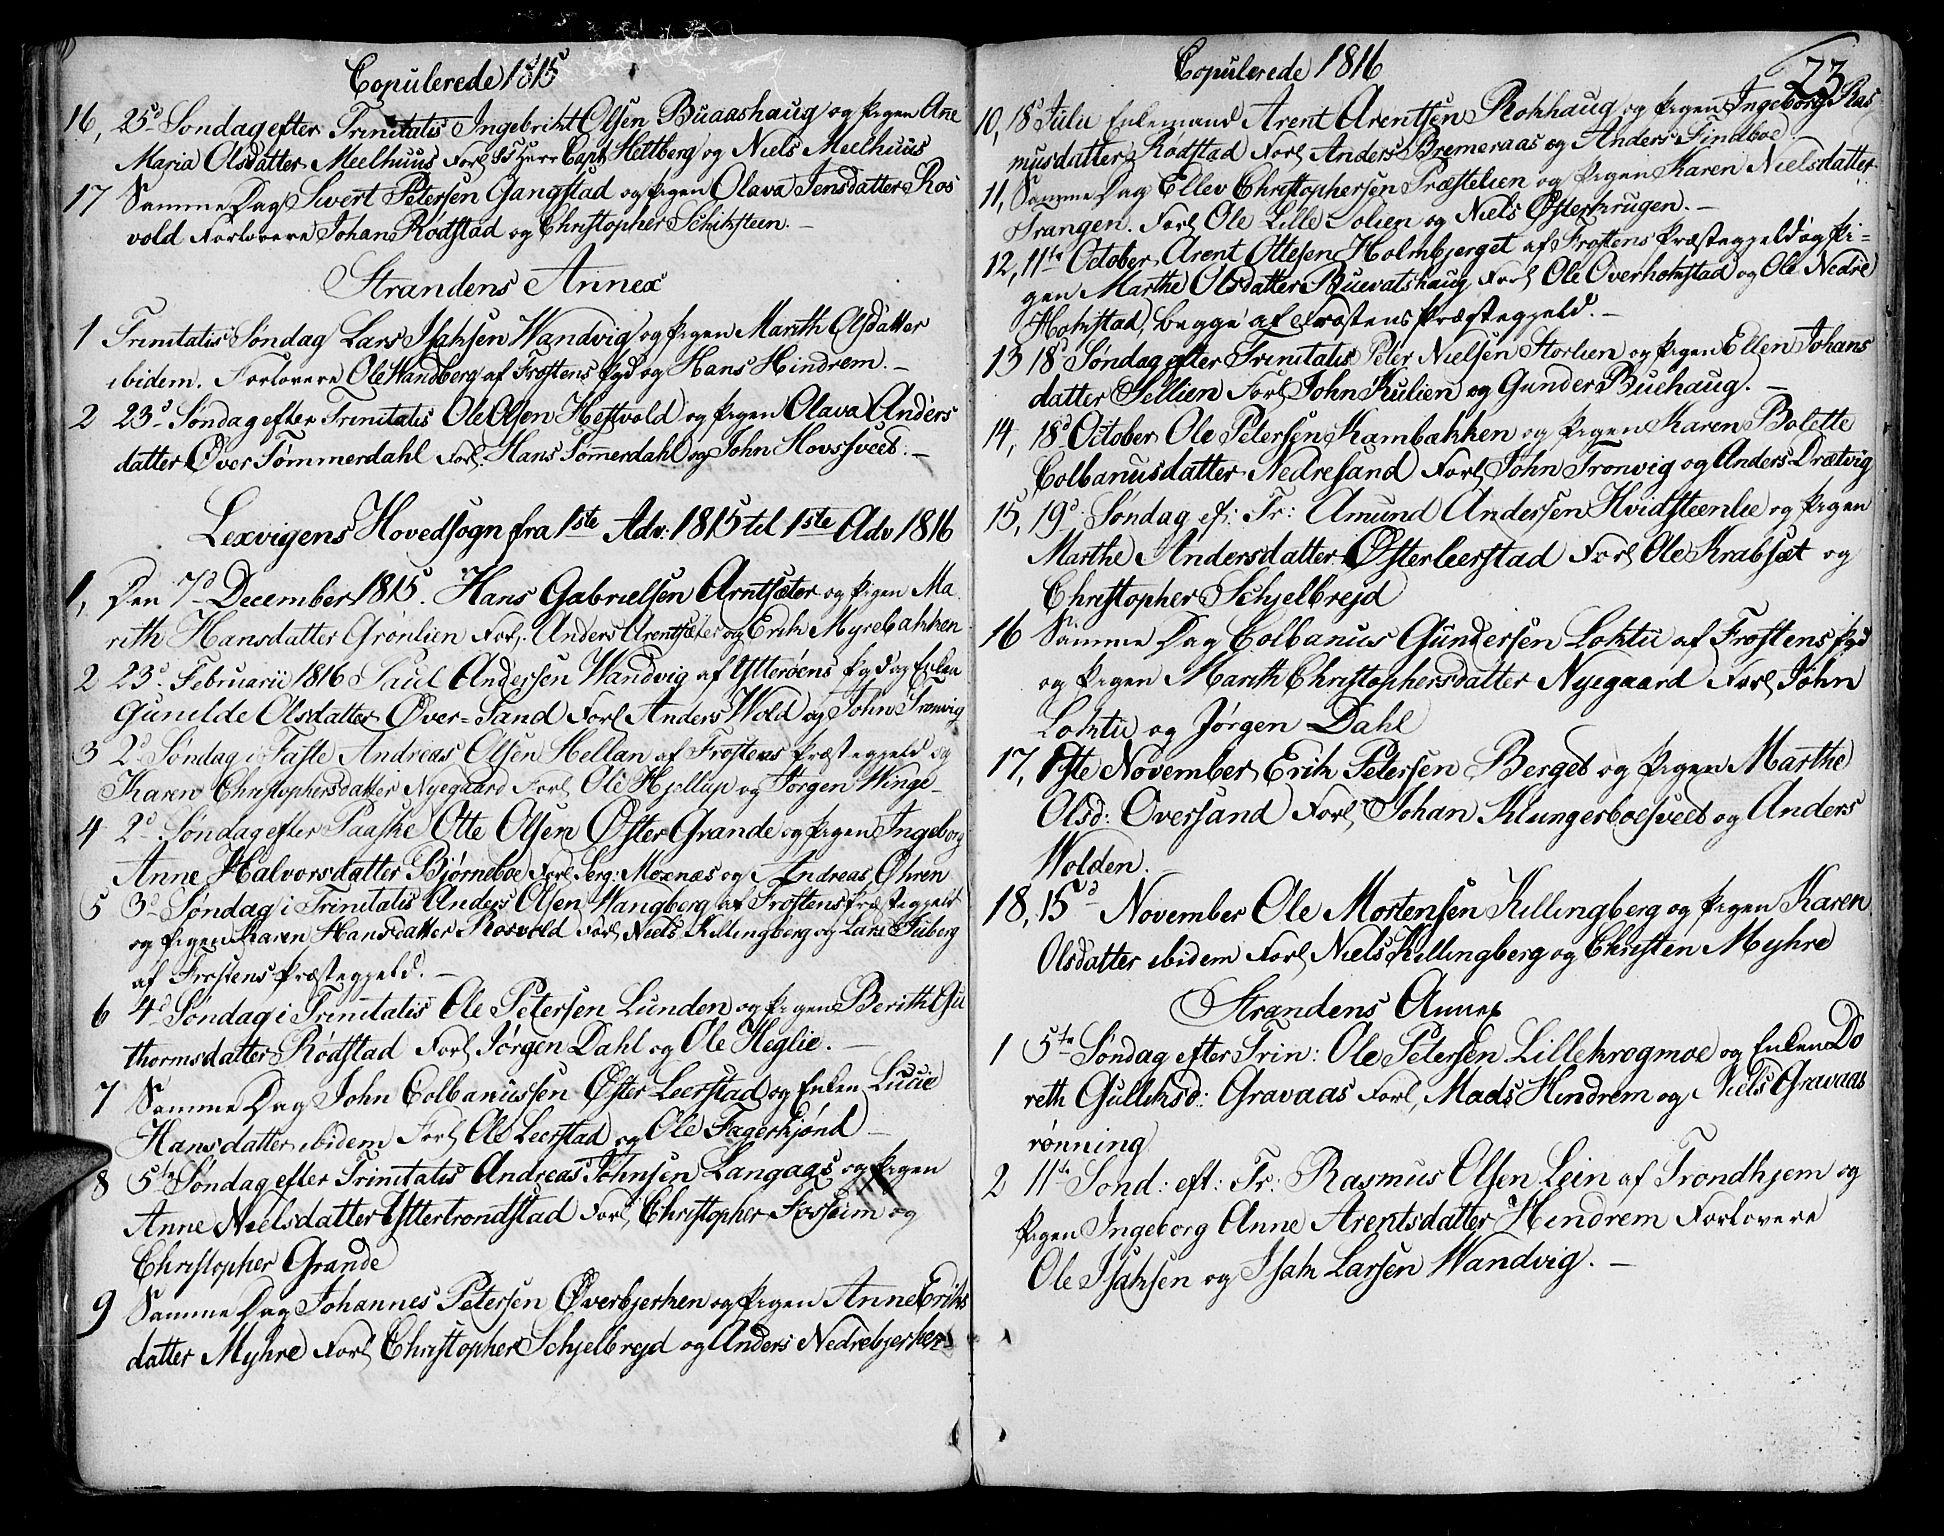 SAT, Ministerialprotokoller, klokkerbøker og fødselsregistre - Nord-Trøndelag, 701/L0004: Ministerialbok nr. 701A04, 1783-1816, s. 23